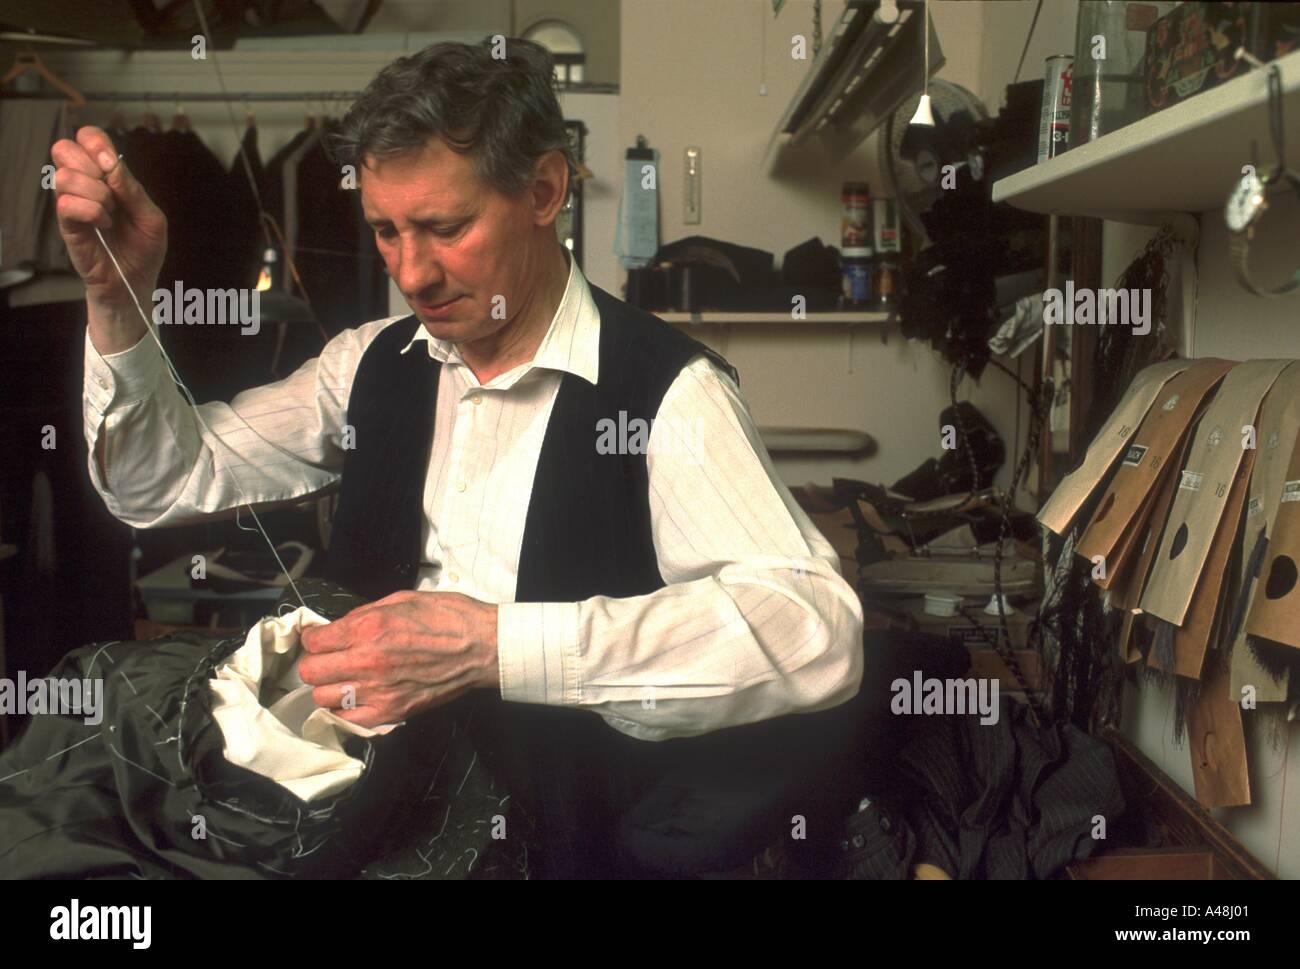 Saville Row Tailor - Stock Image